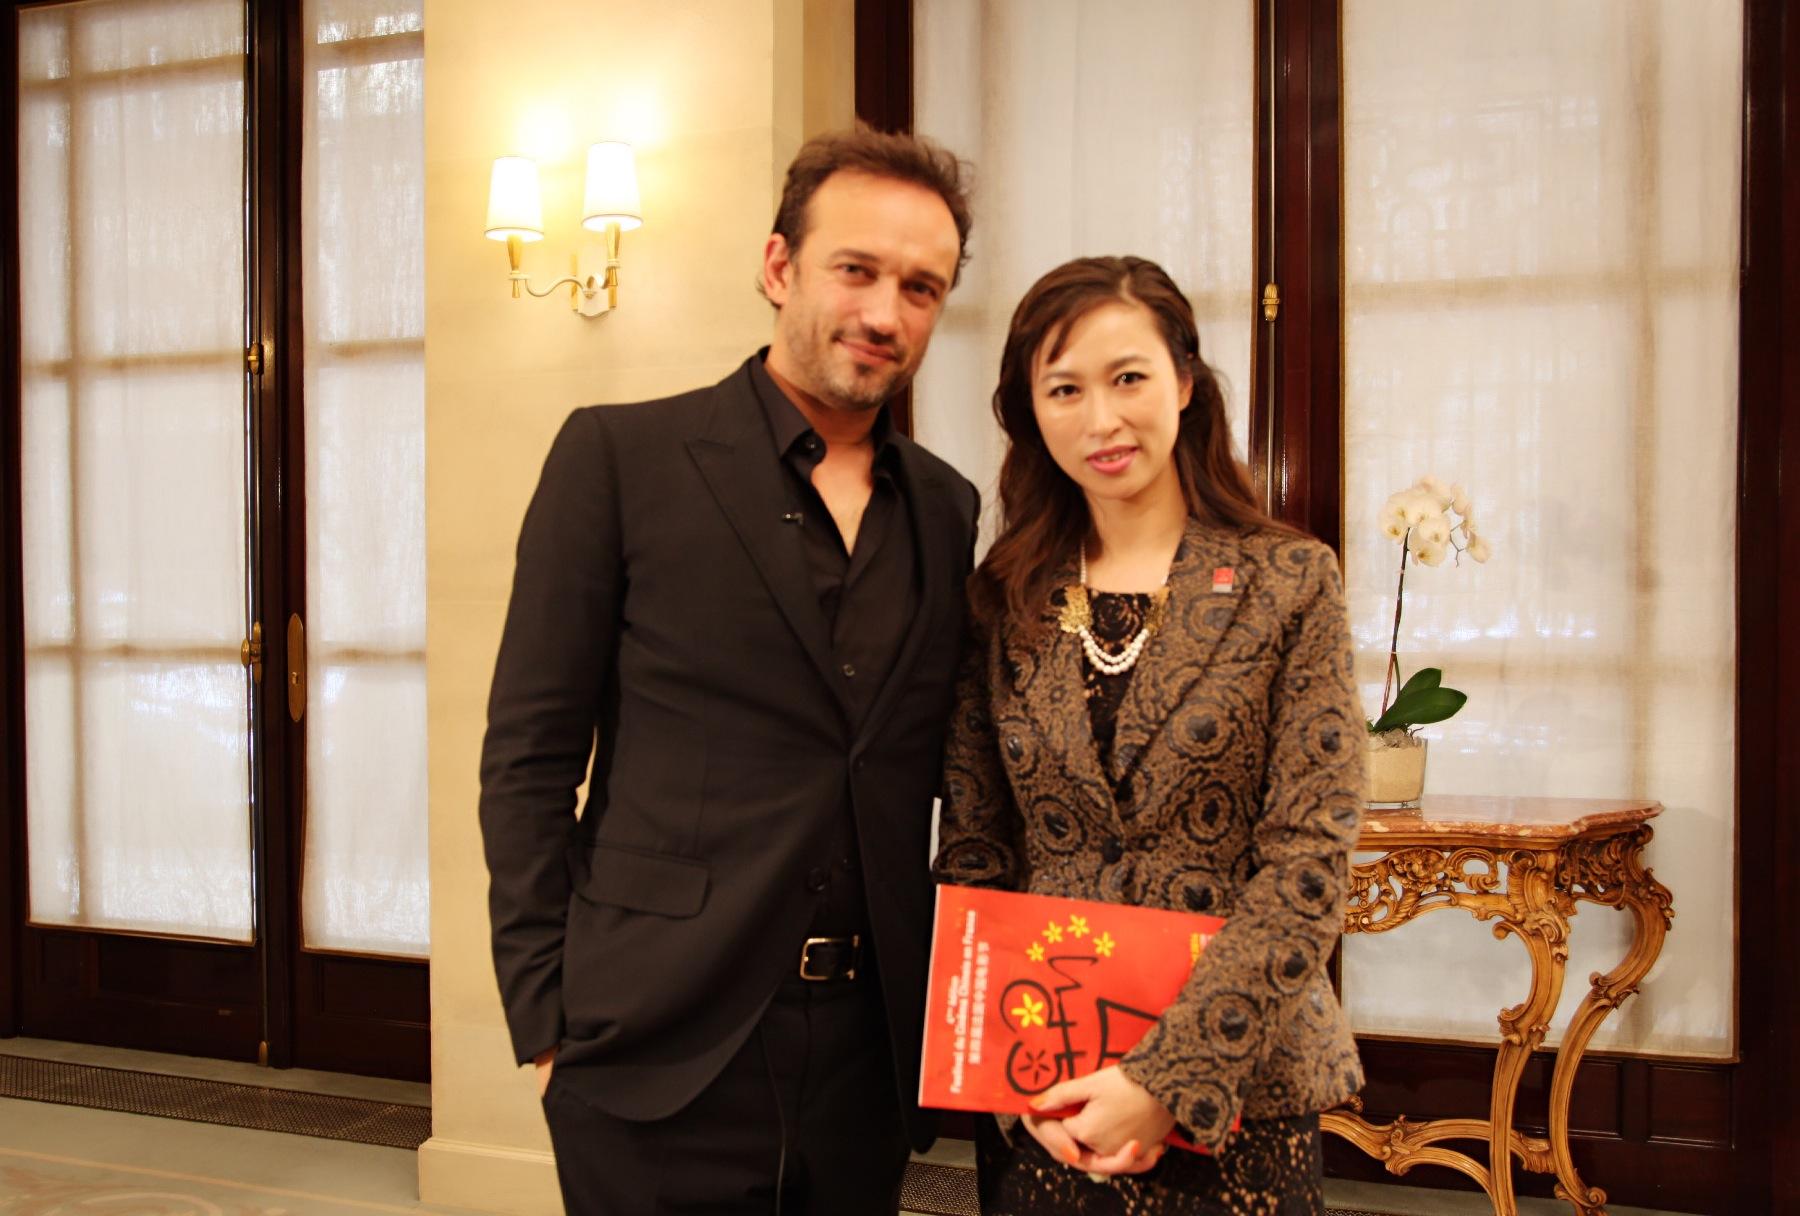 法国中国电影节形象大使法国著名影星文森特·佩雷斯